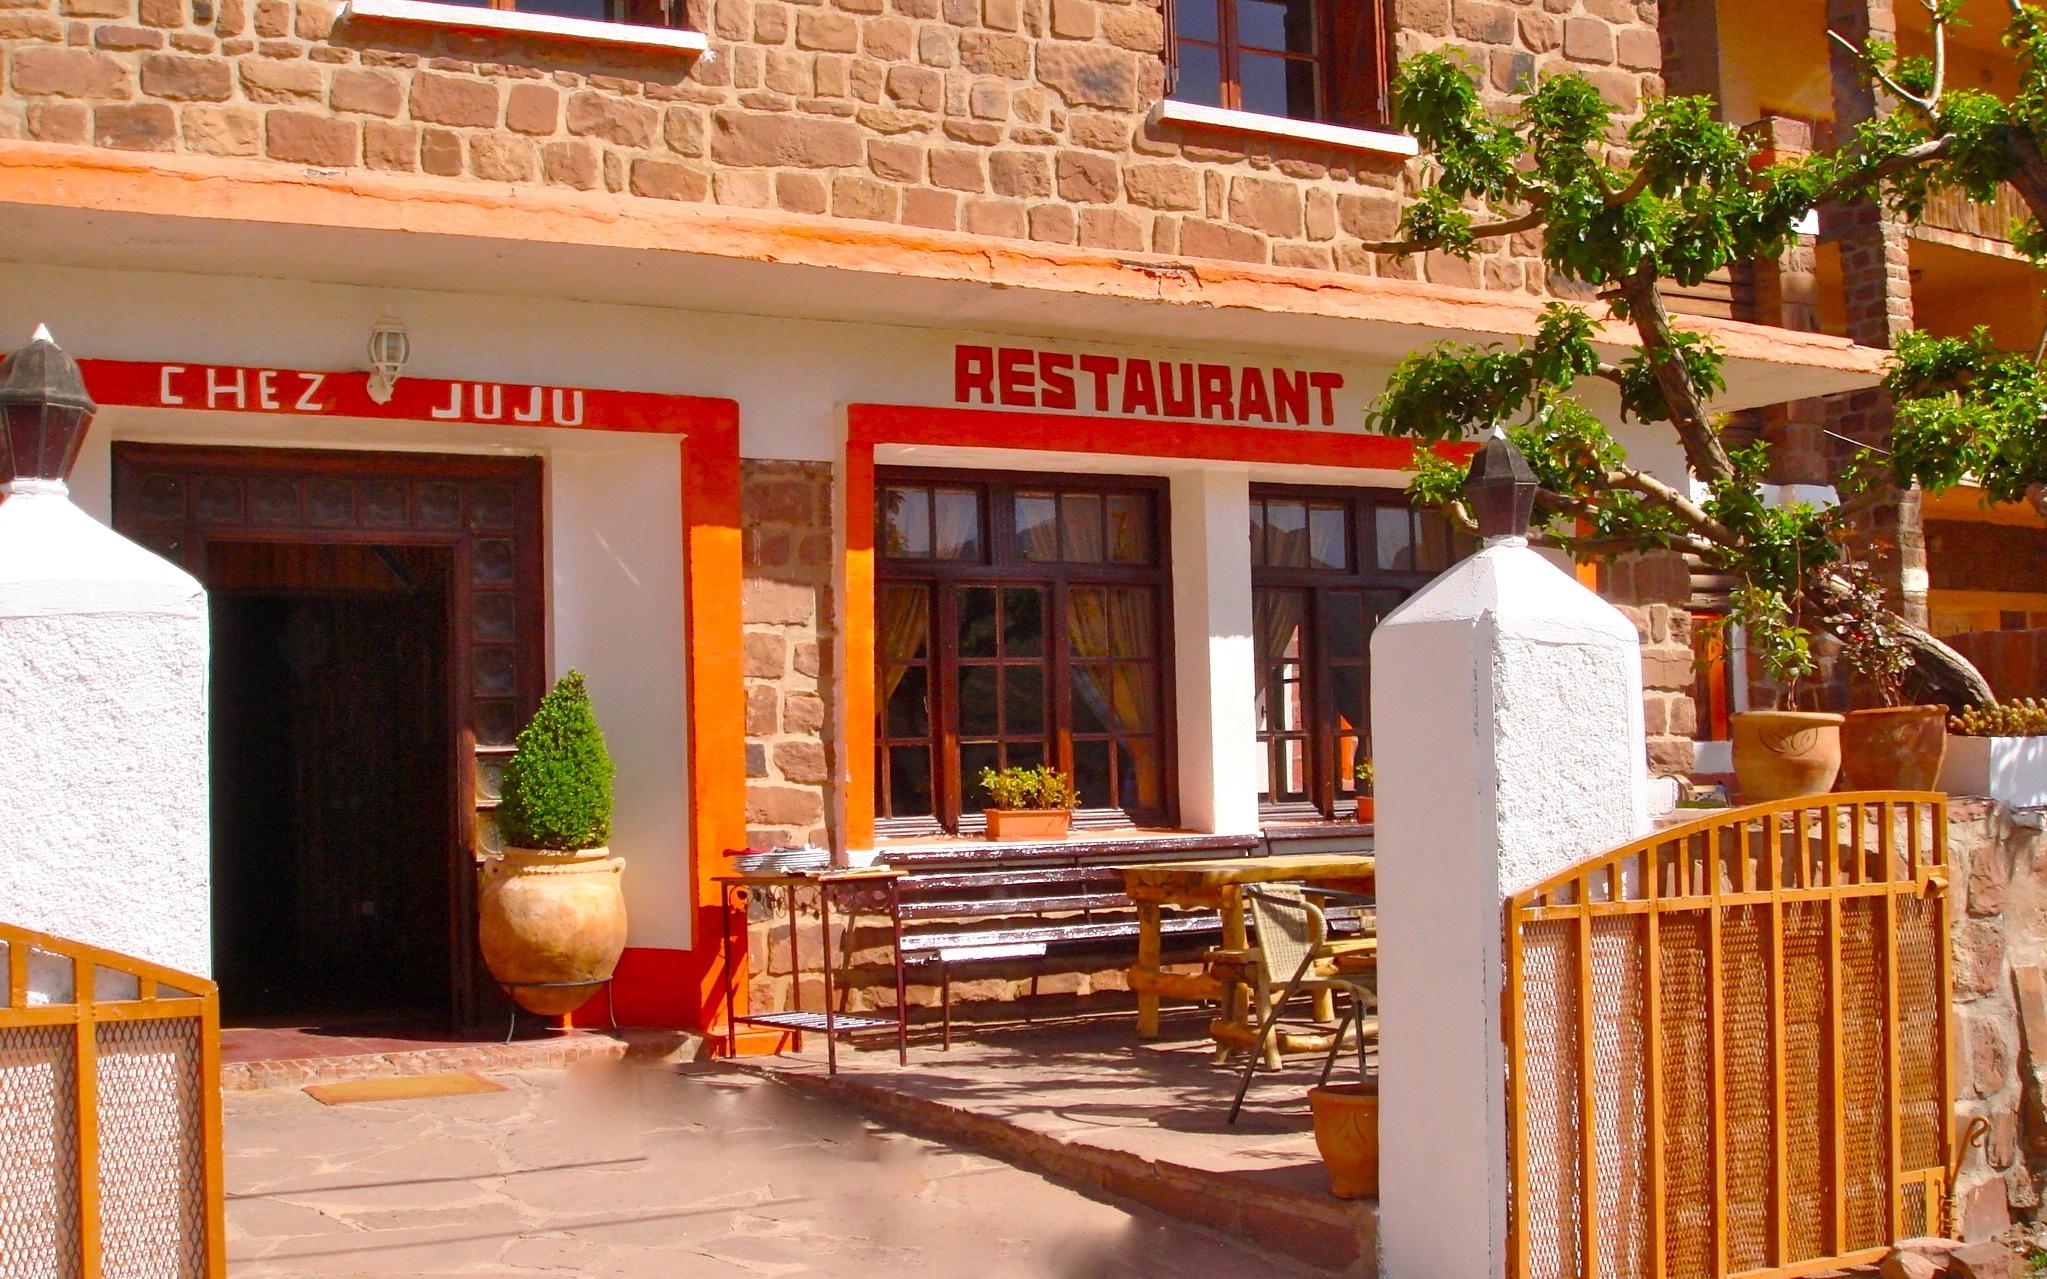 Chez Juju Restaurant De Montagne Situ 233 Dans L 226 Atlas Au